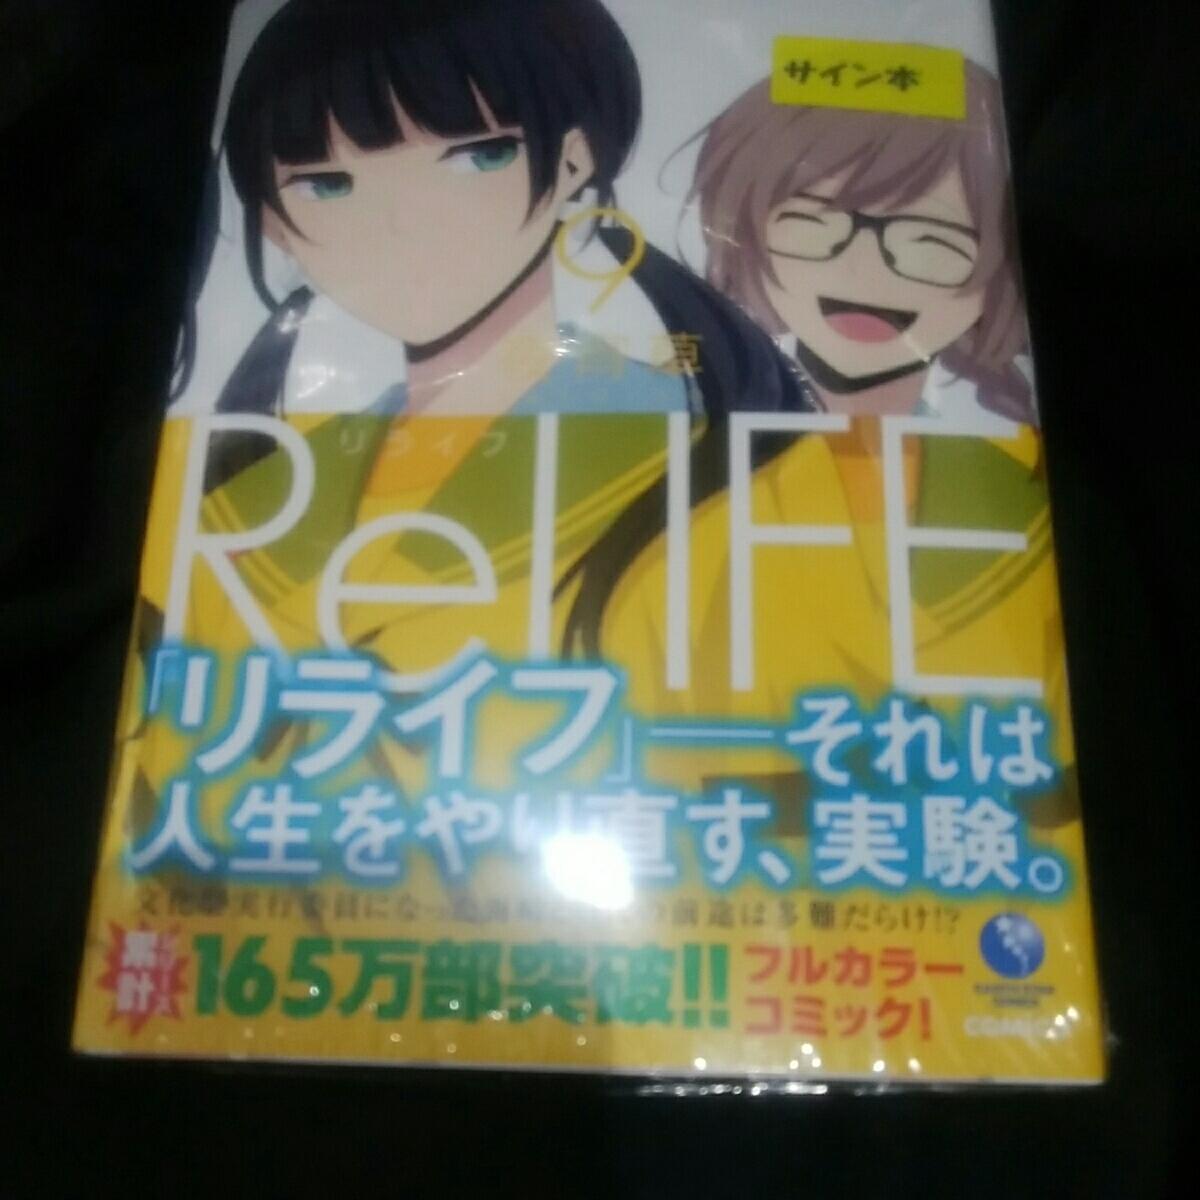 新品リライフ Relife 9巻 夜宵草 直筆イラスト入りサイン本 の落札情報